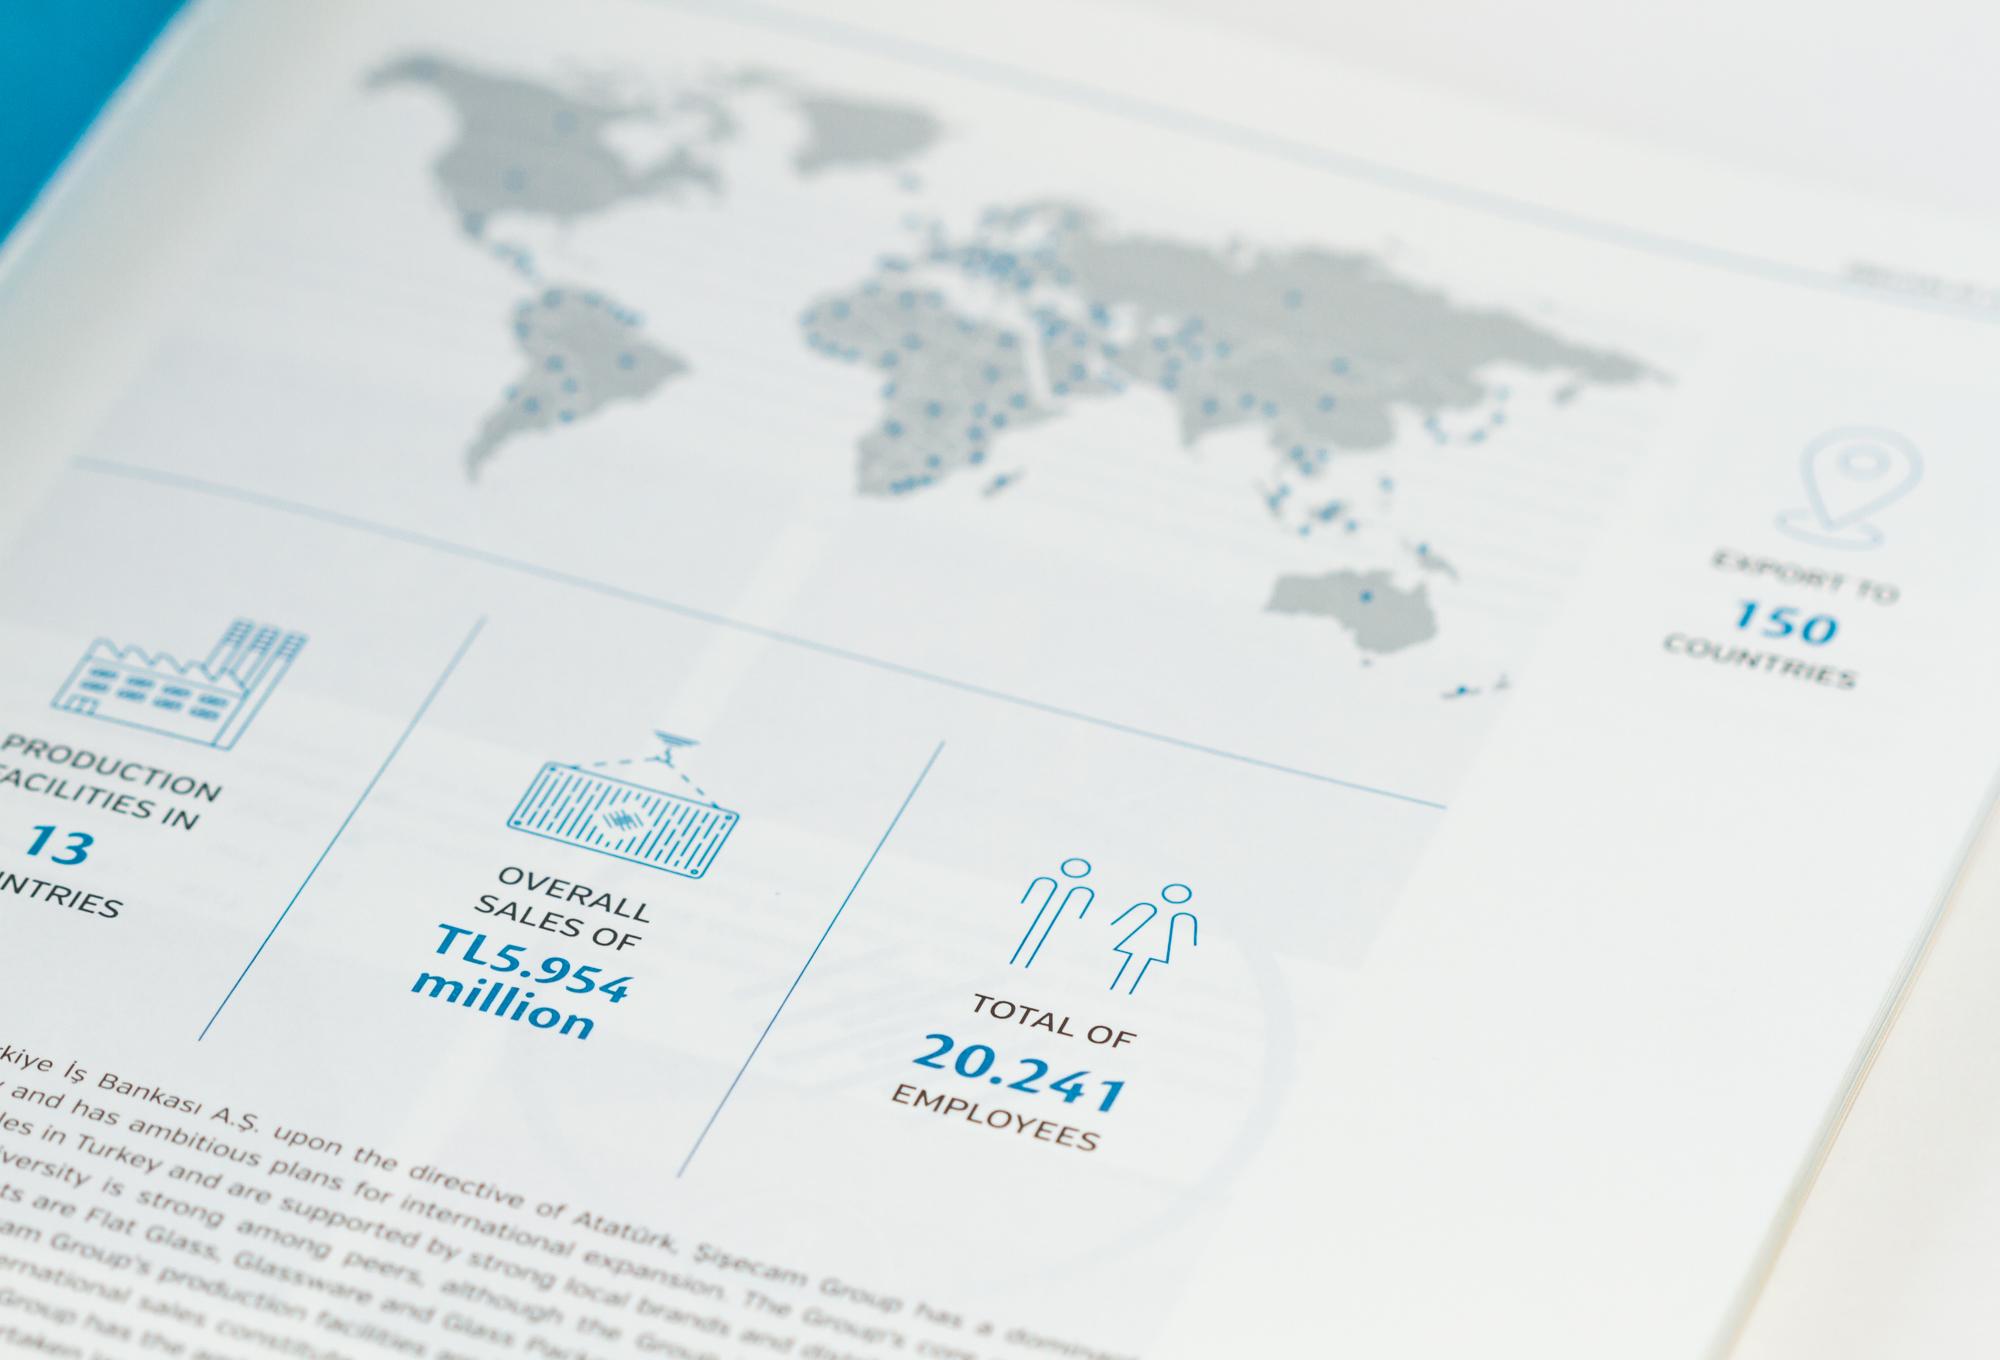 Şişecam Sürdürülebilirlik Raporu 2013